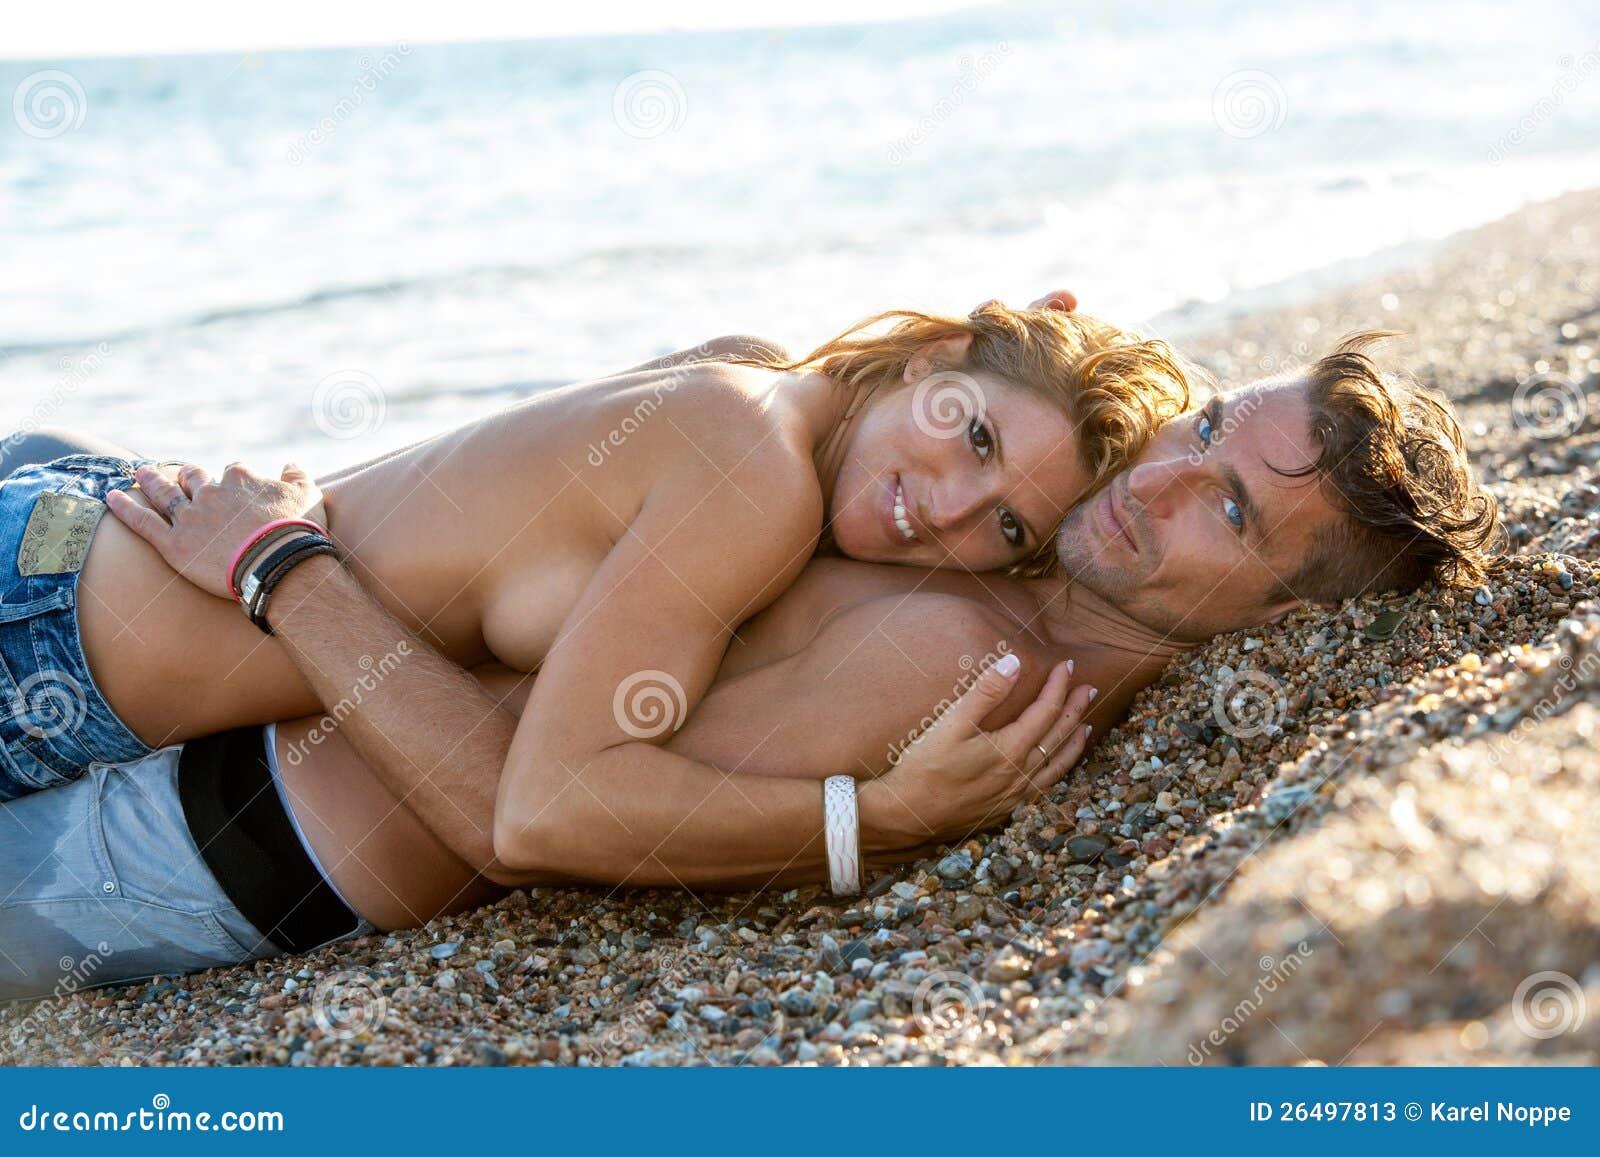 Рассказы секс втроём на пляже, Свингеры рассказы -историй. Читать порно онлайн 26 фотография